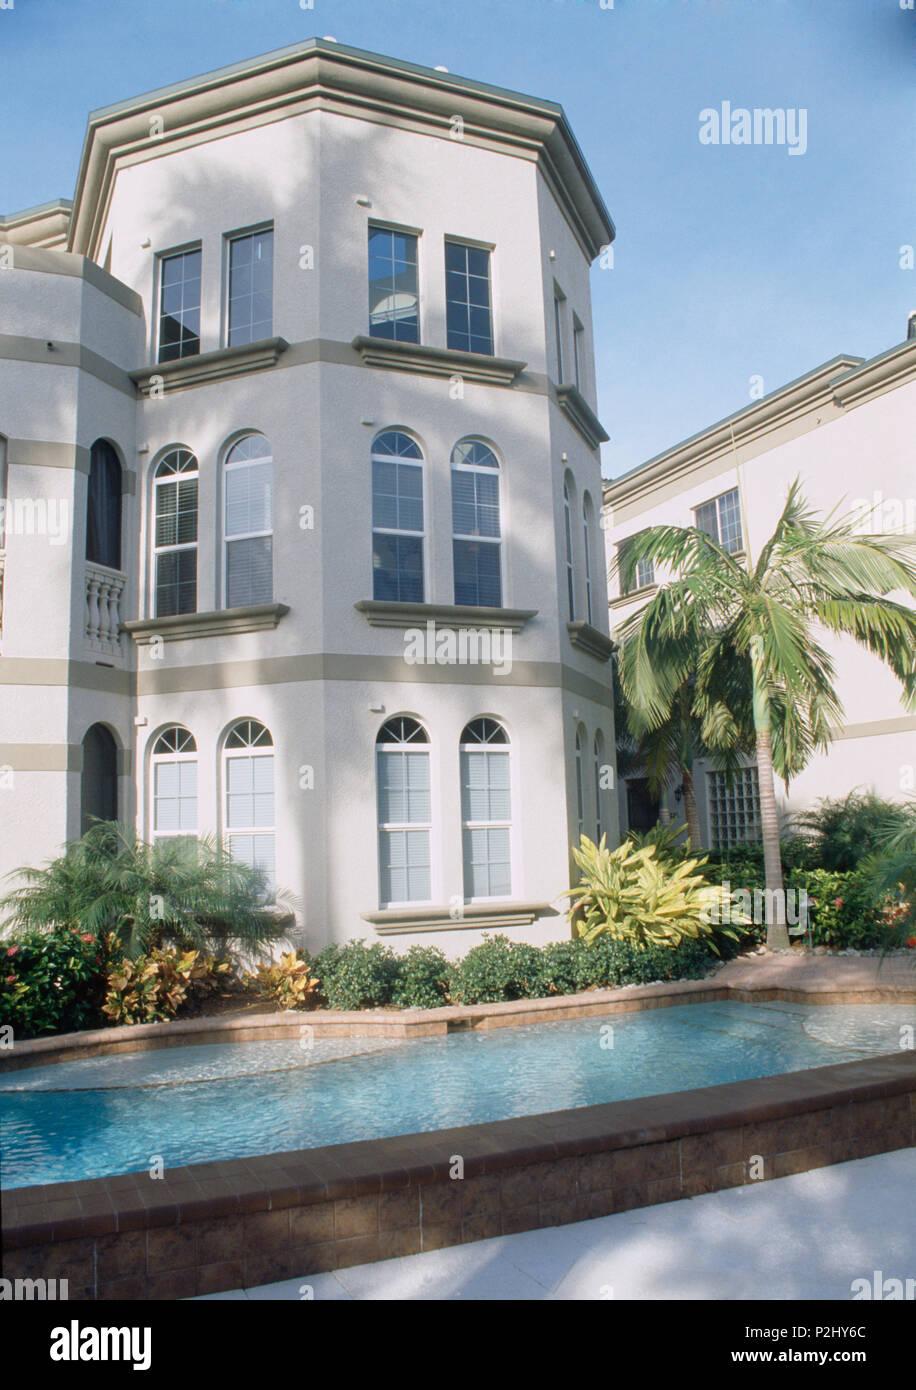 Villa A Tre Piani piscina nella parte anteriore del bianco edificio a tre